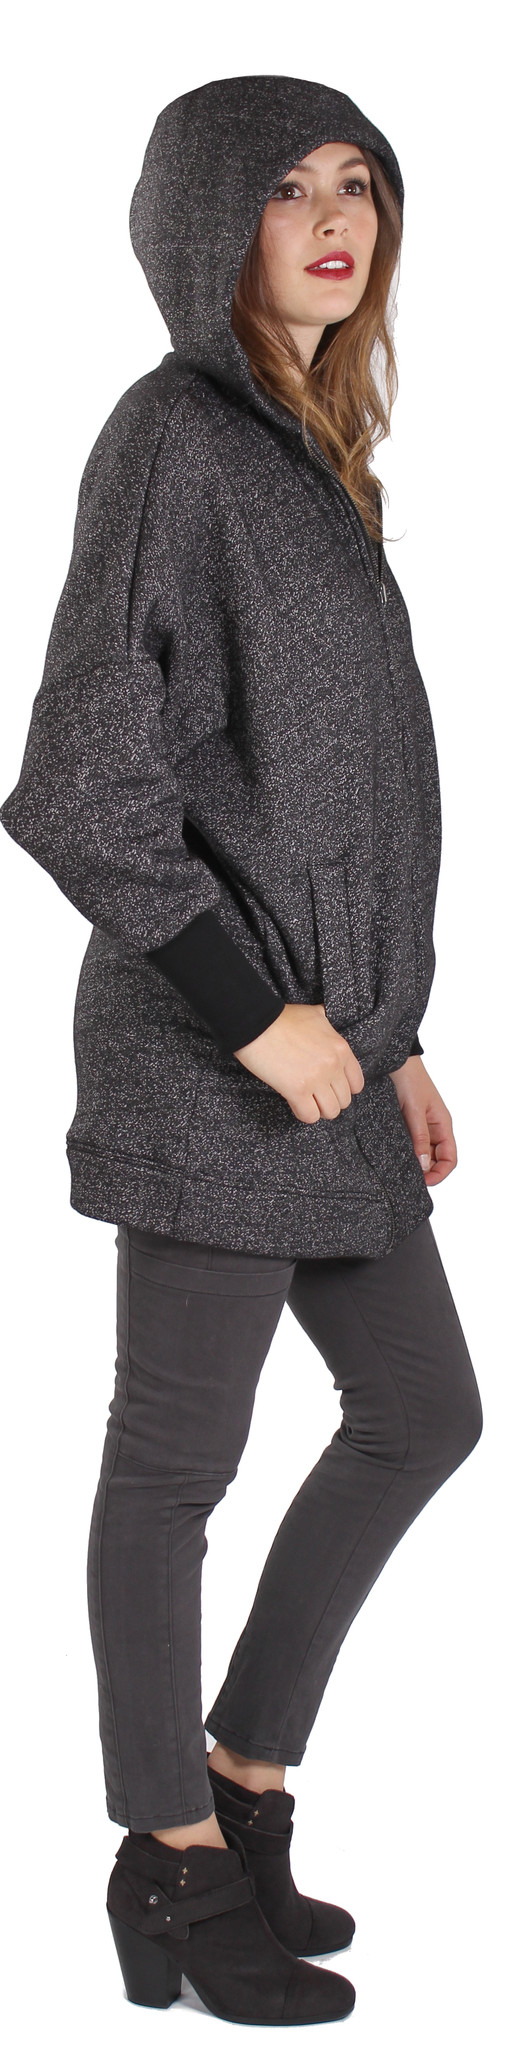 Curator Rambler Speckle Coat